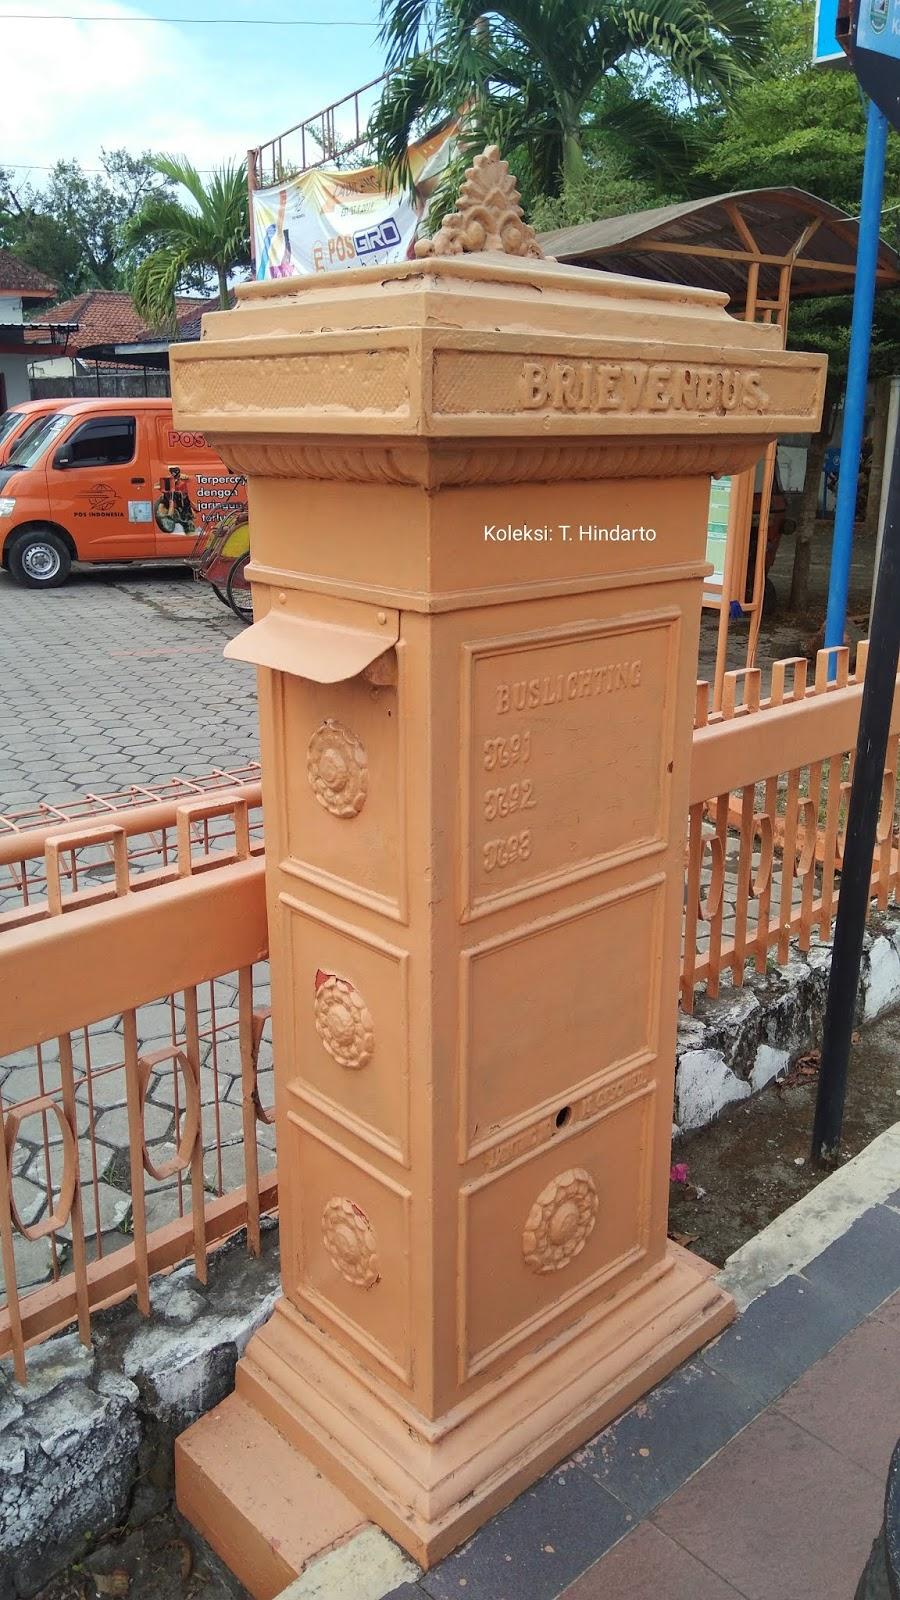 Brievenbus Di Kantor Pos Kebumen Saksi Bisu Perubahan Zaman dan Monumen Kenangan Sebuah Masa